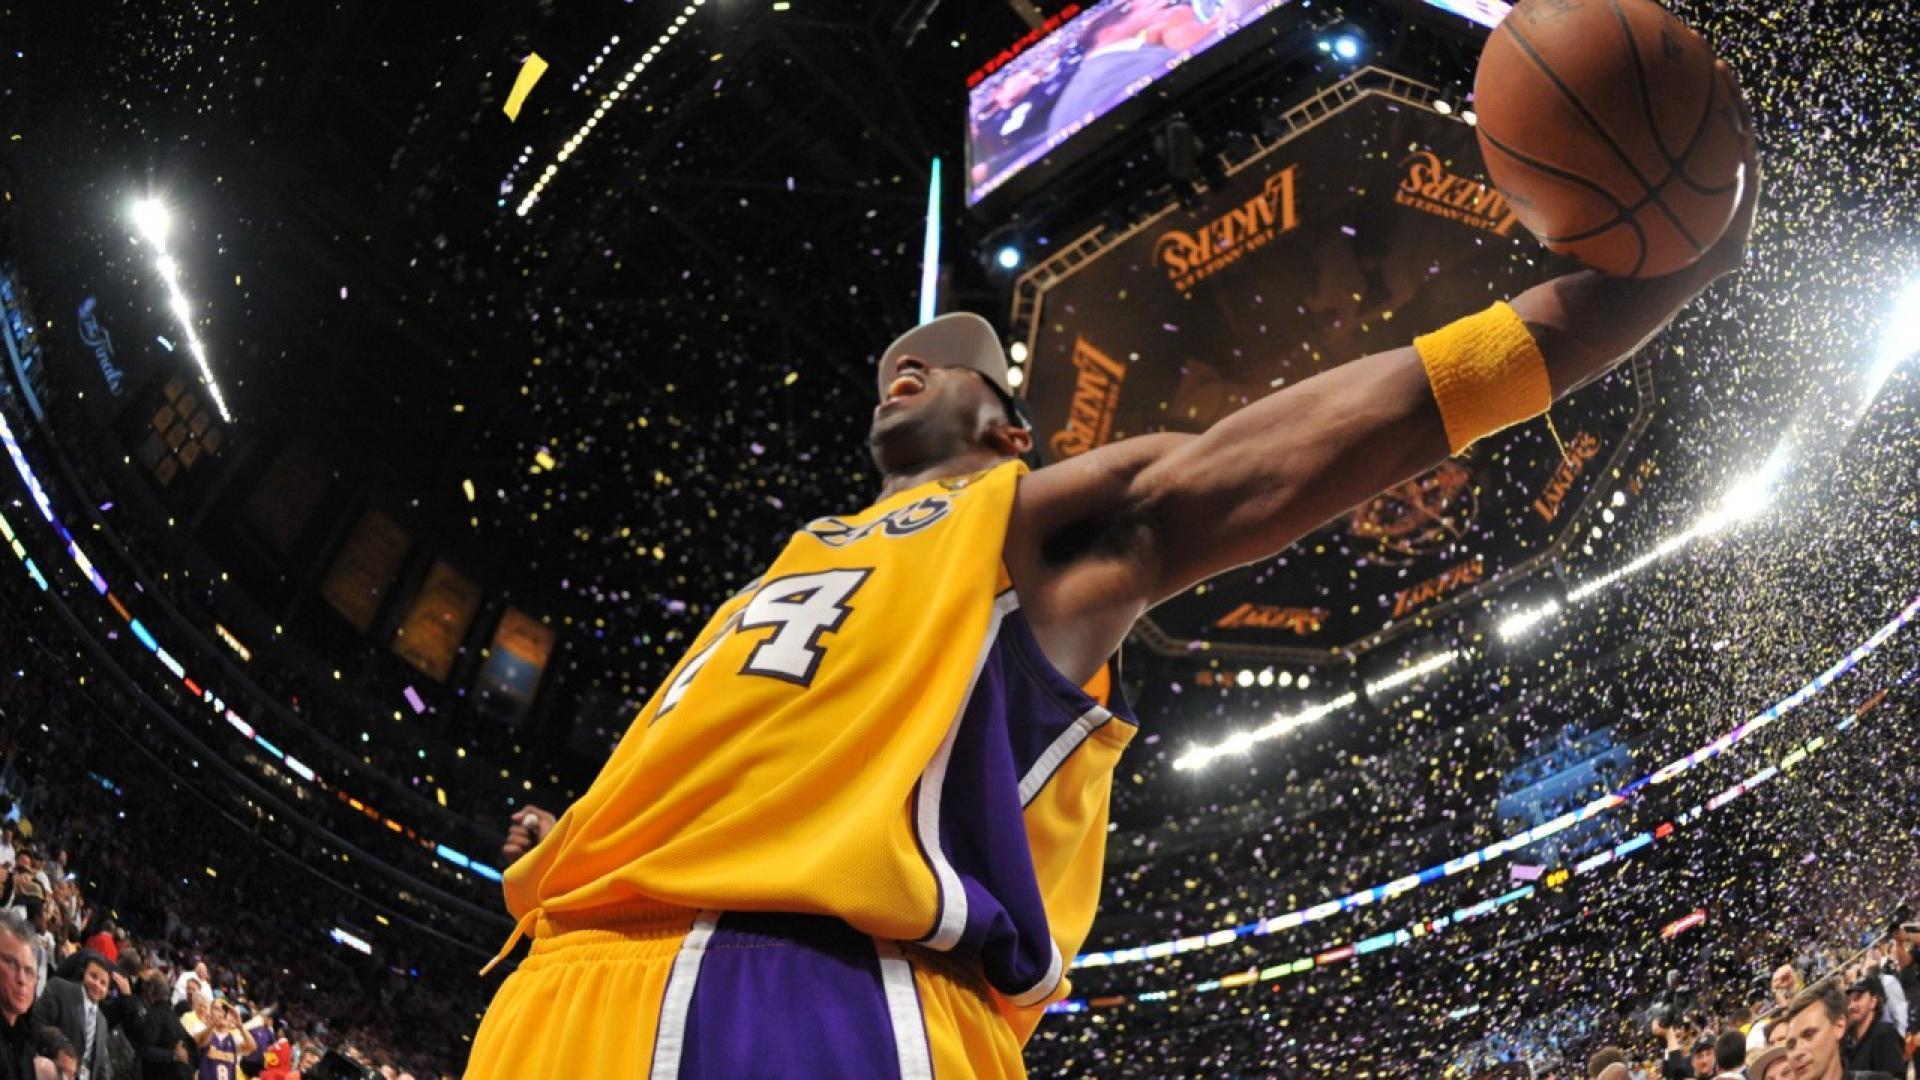 七根手指,六记绝杀,第五个冠军!谨以此献给Kobe的42岁生日:这是你最伟大的复仇!(影)